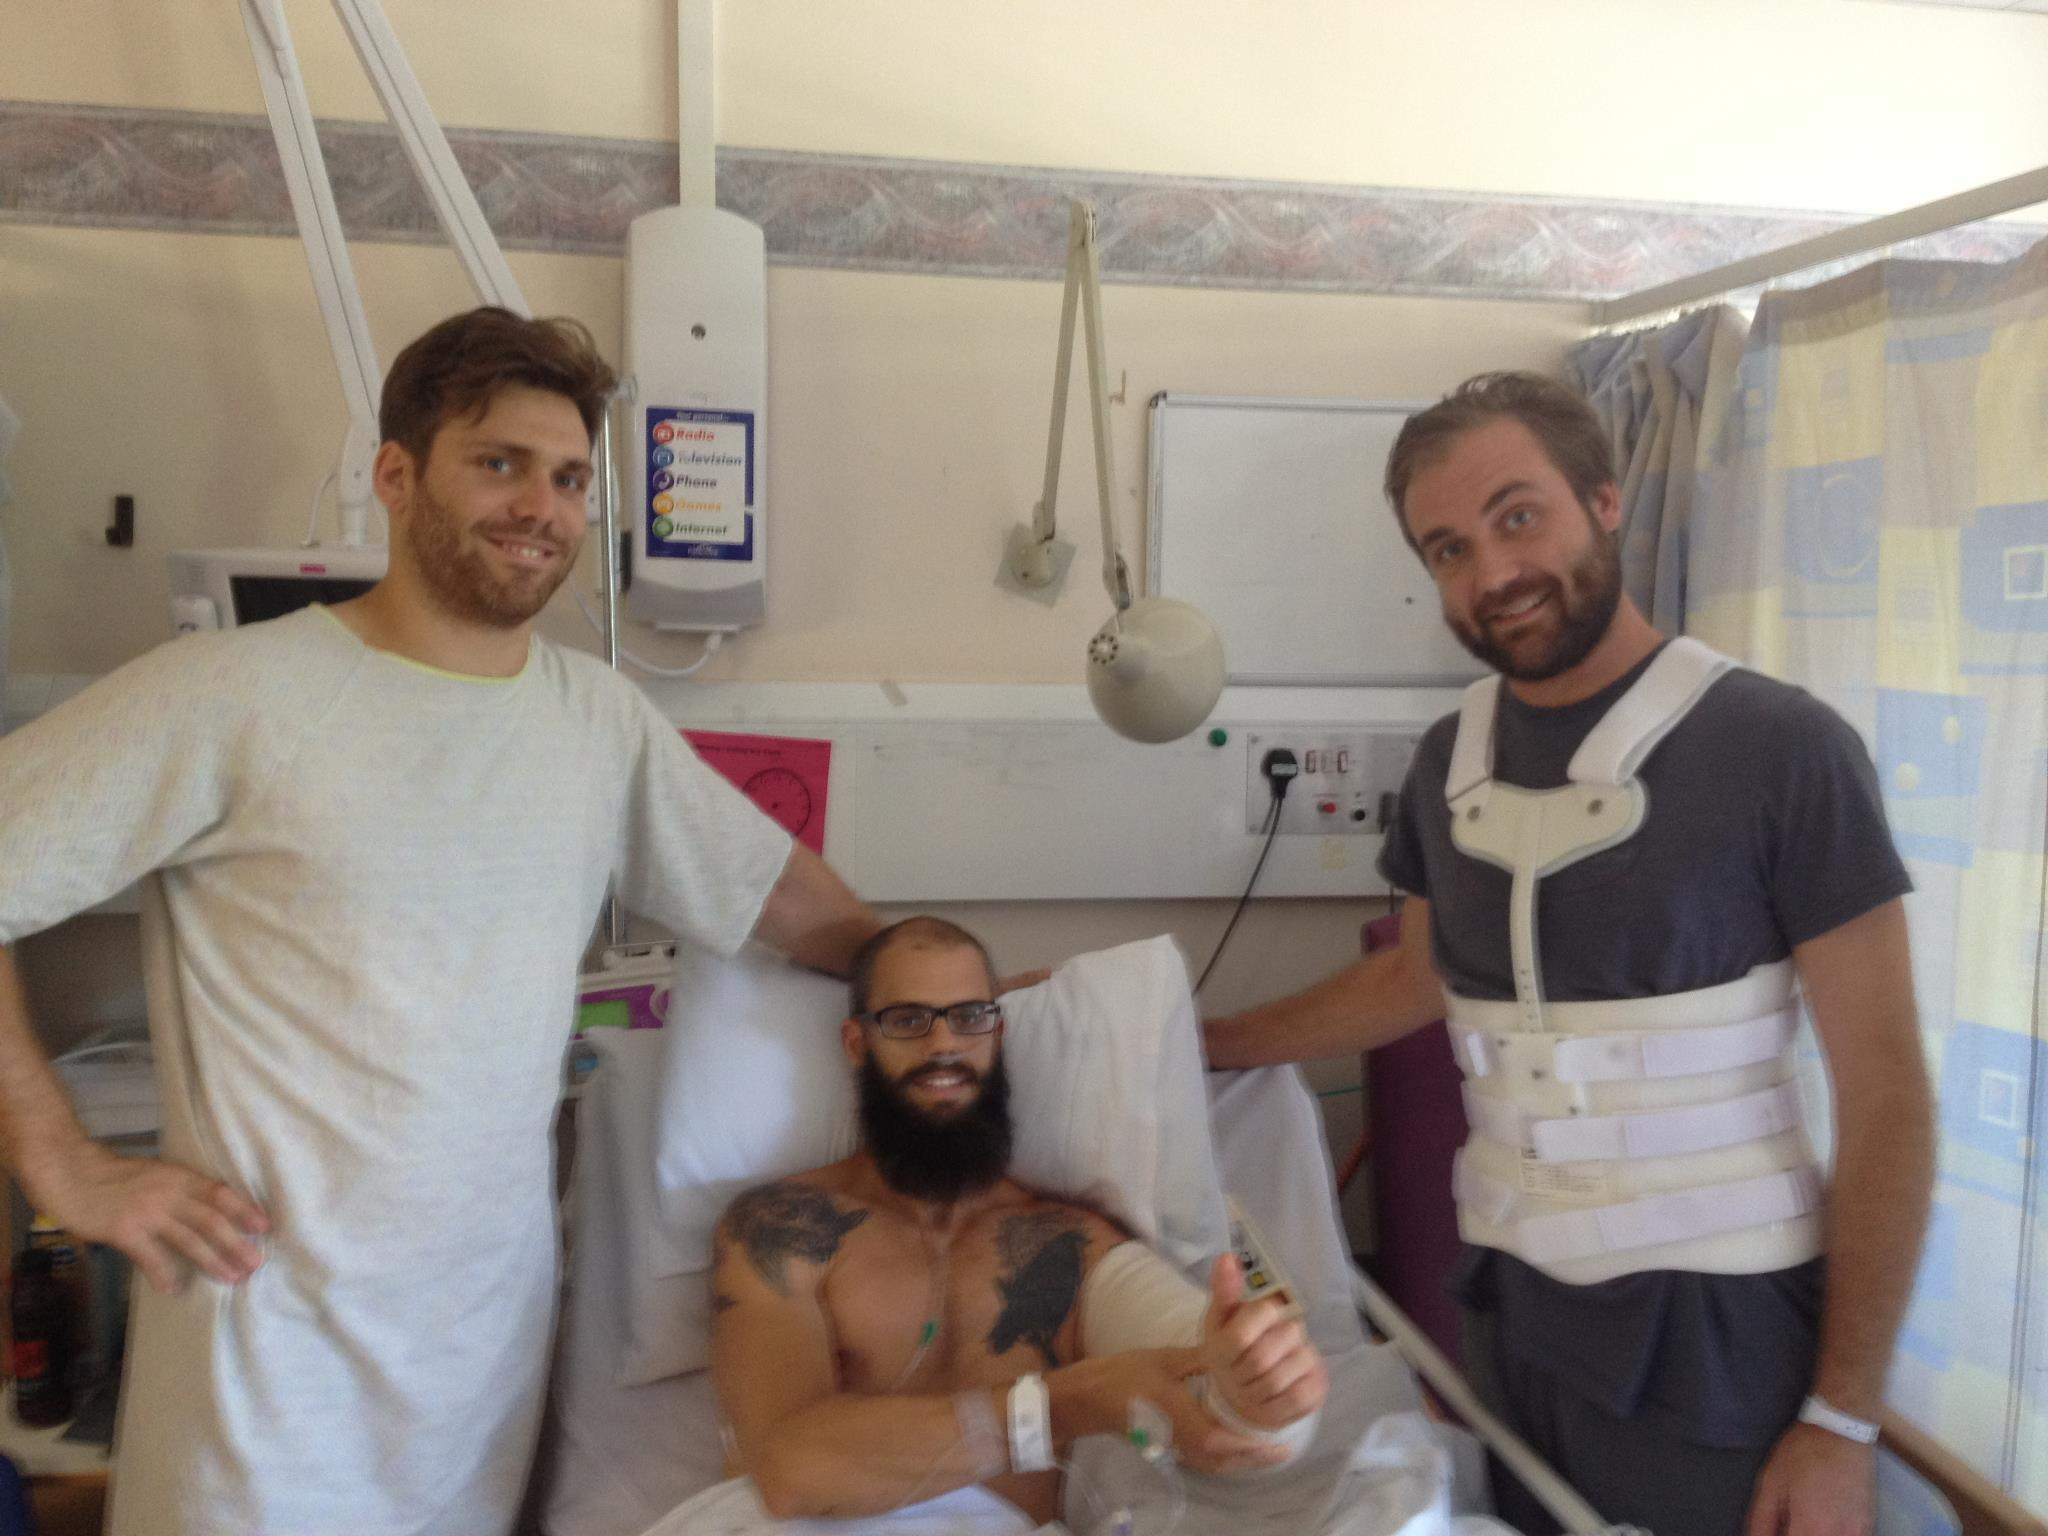 Baroness melden sich nach dem Unfall aus dem Krankenhaus